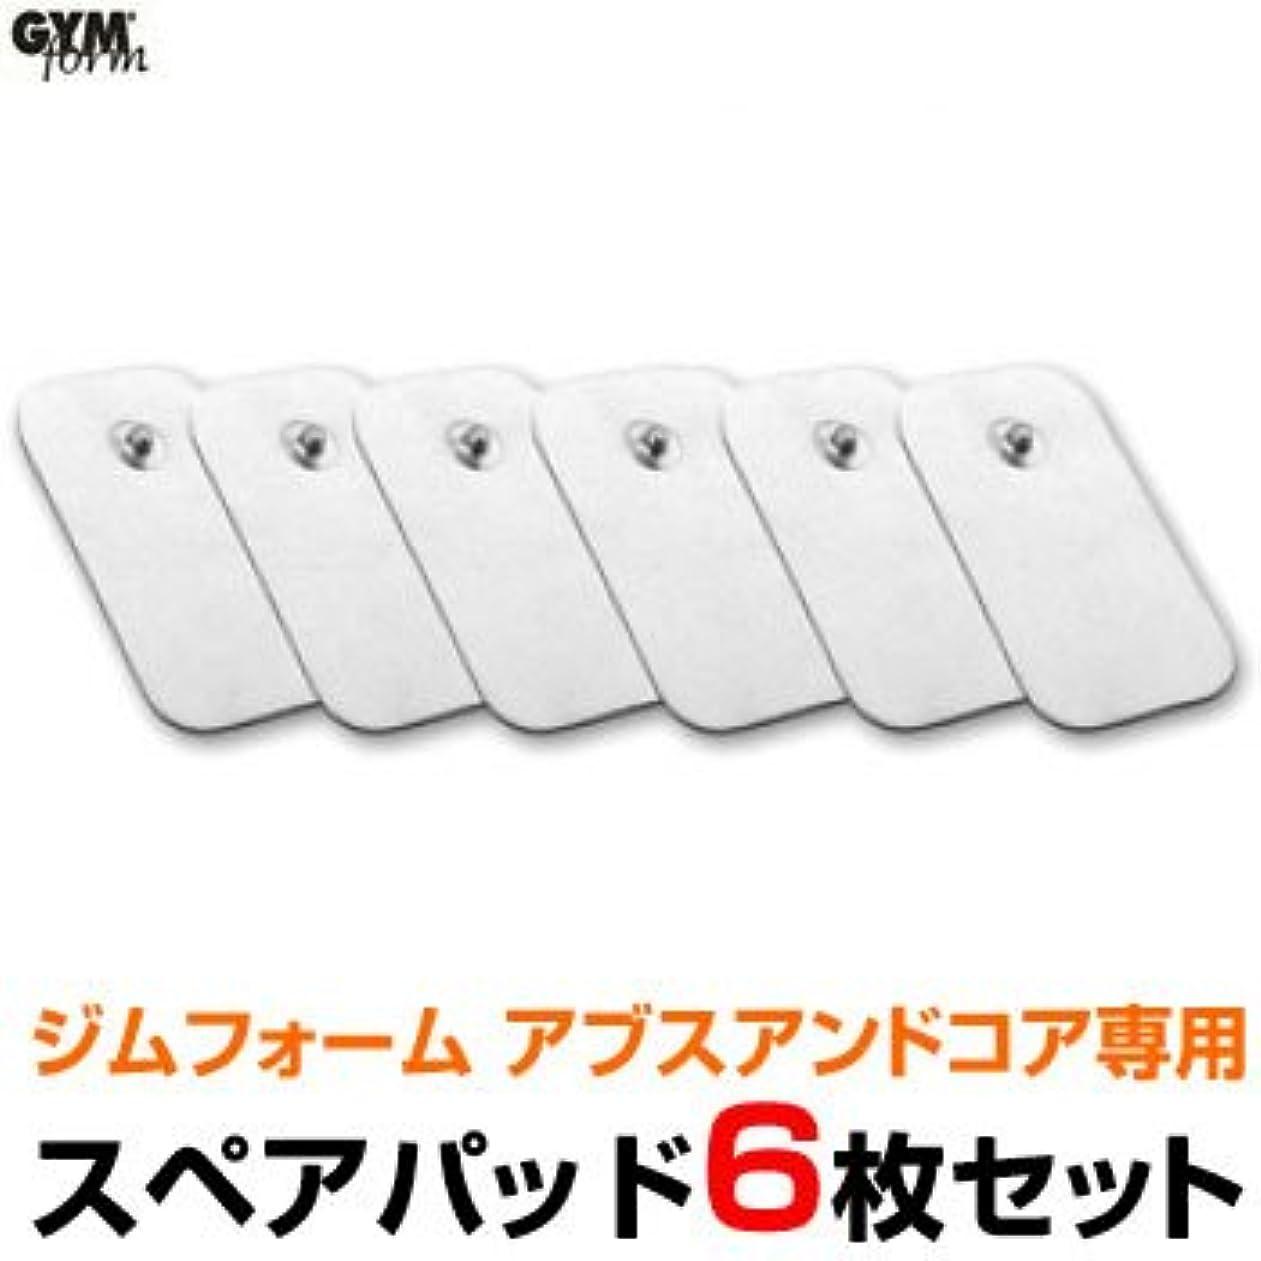 鑑定もう一度ナインへジムフォーム アブス&コア専用スペアパッド(GYMform ABS&CORE)6枚セット